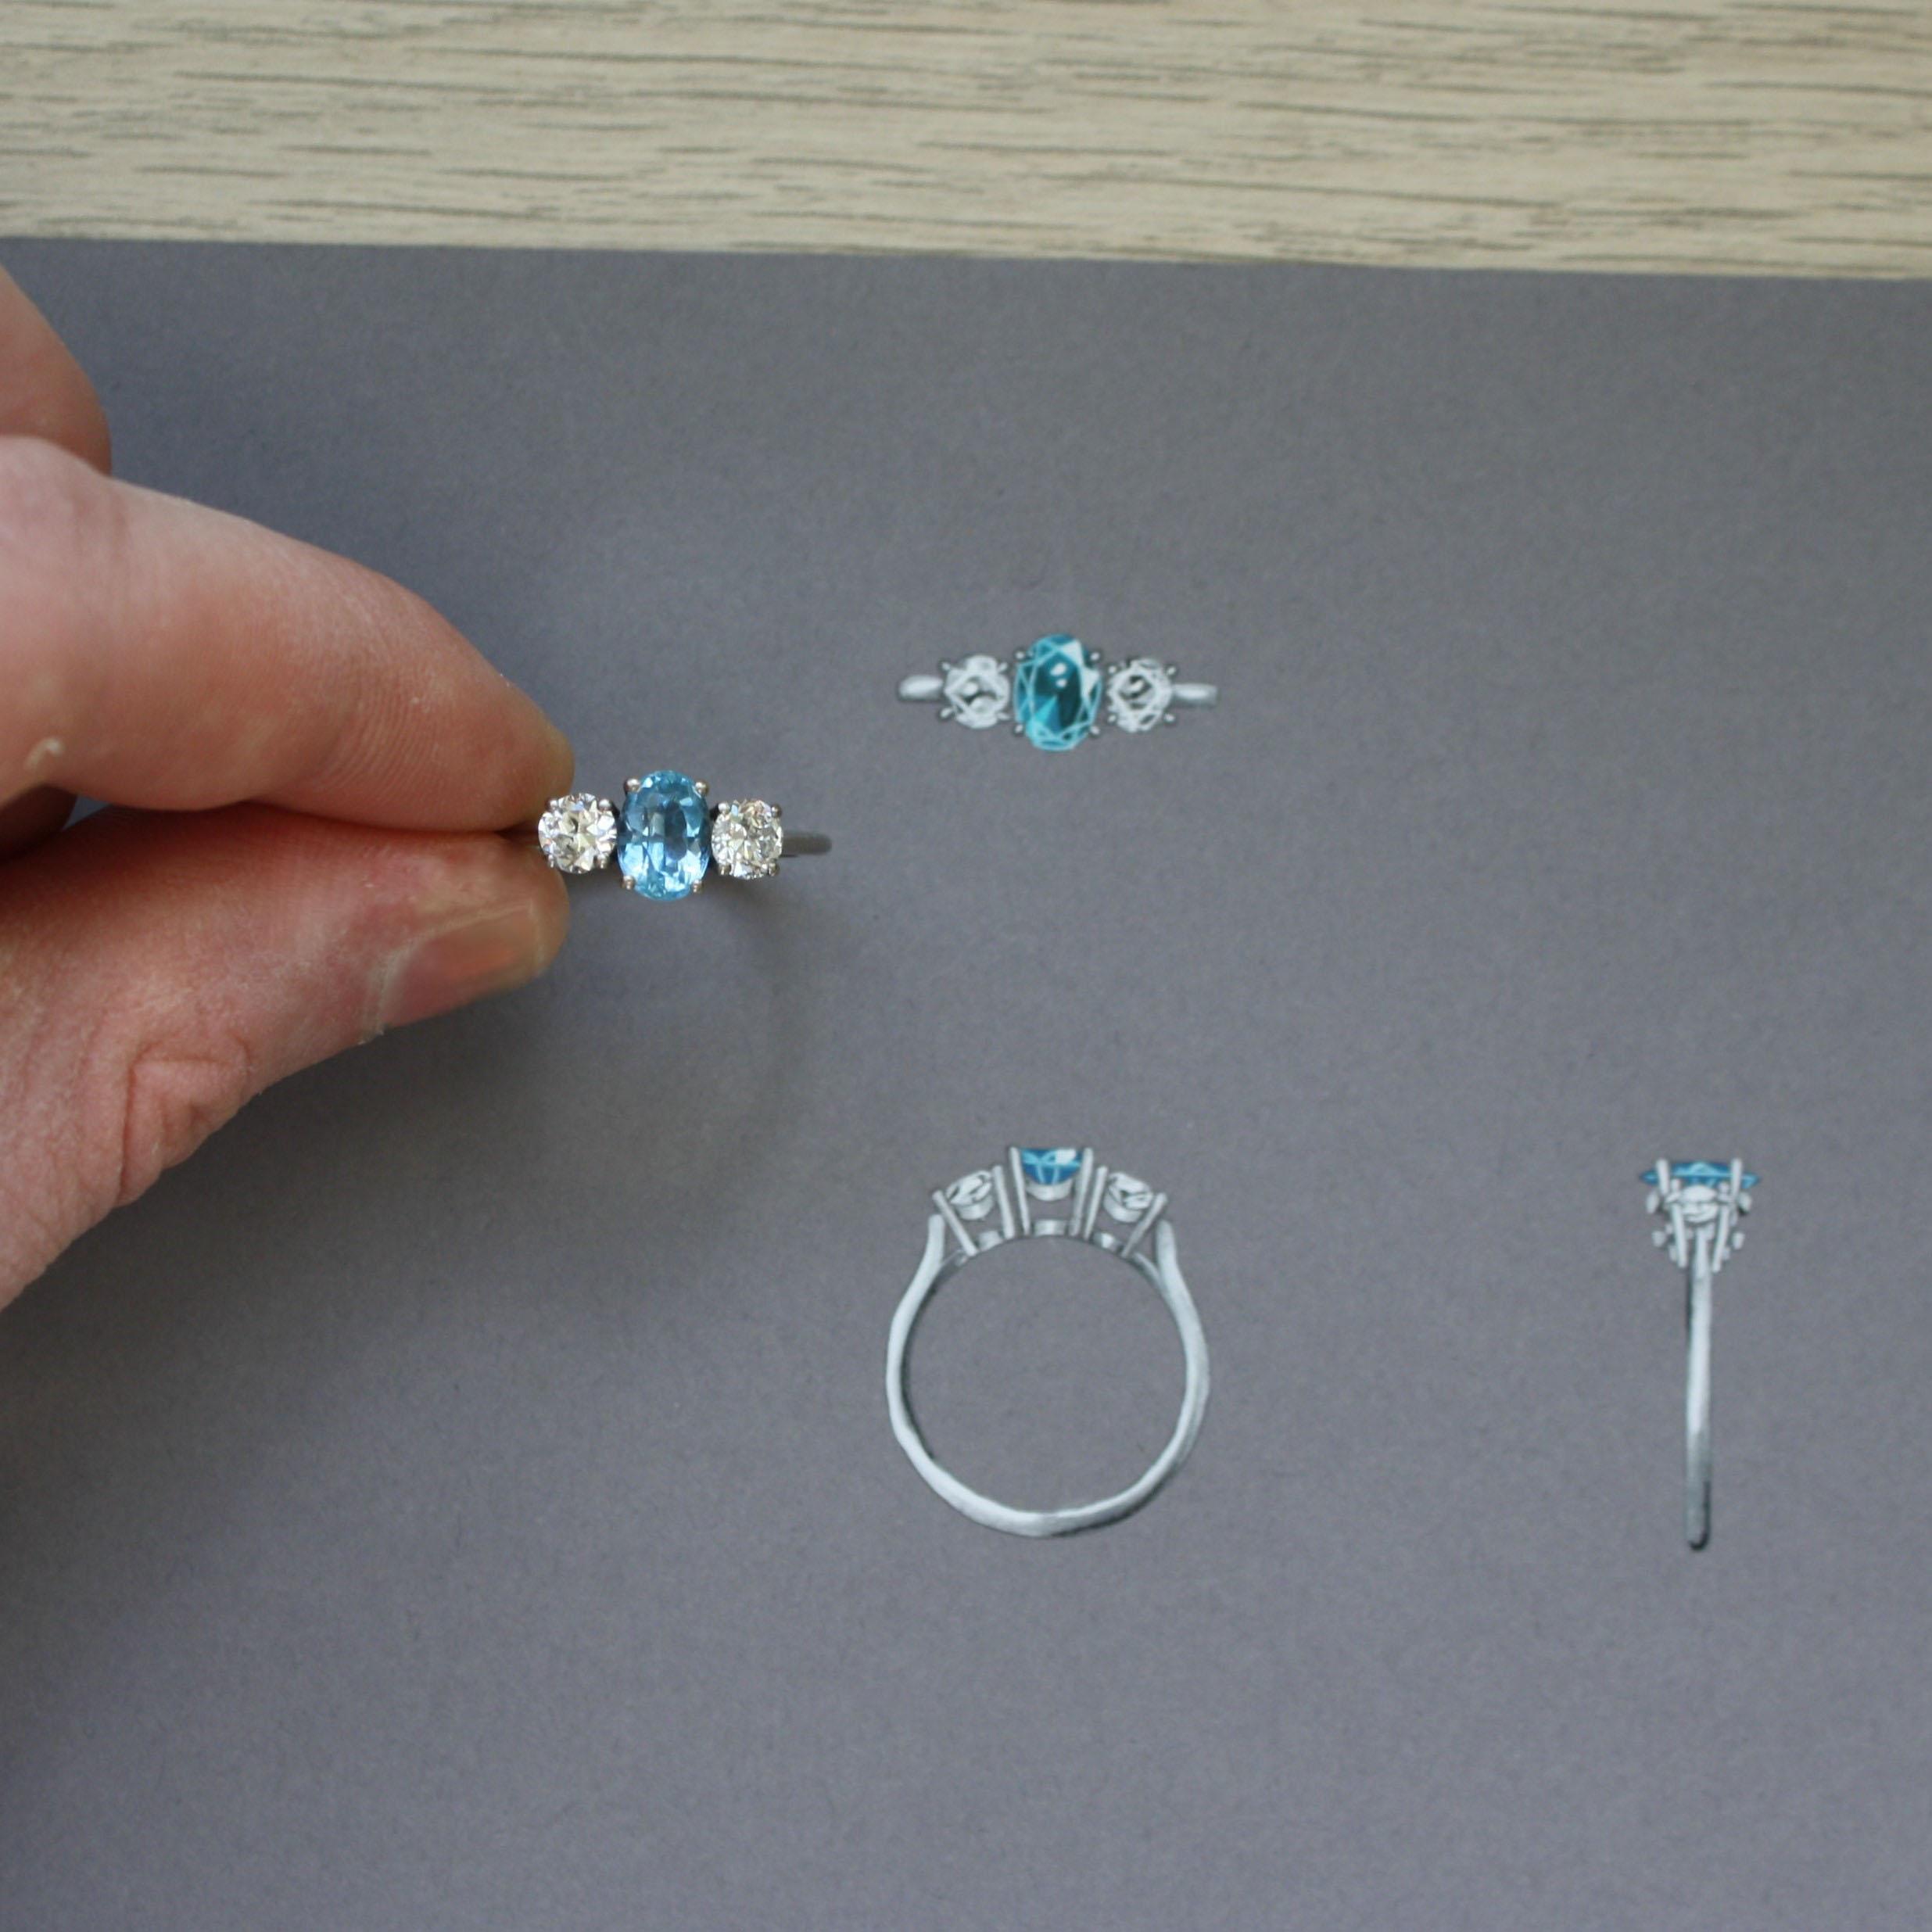 Blue topaz and diamond ring design.jpg